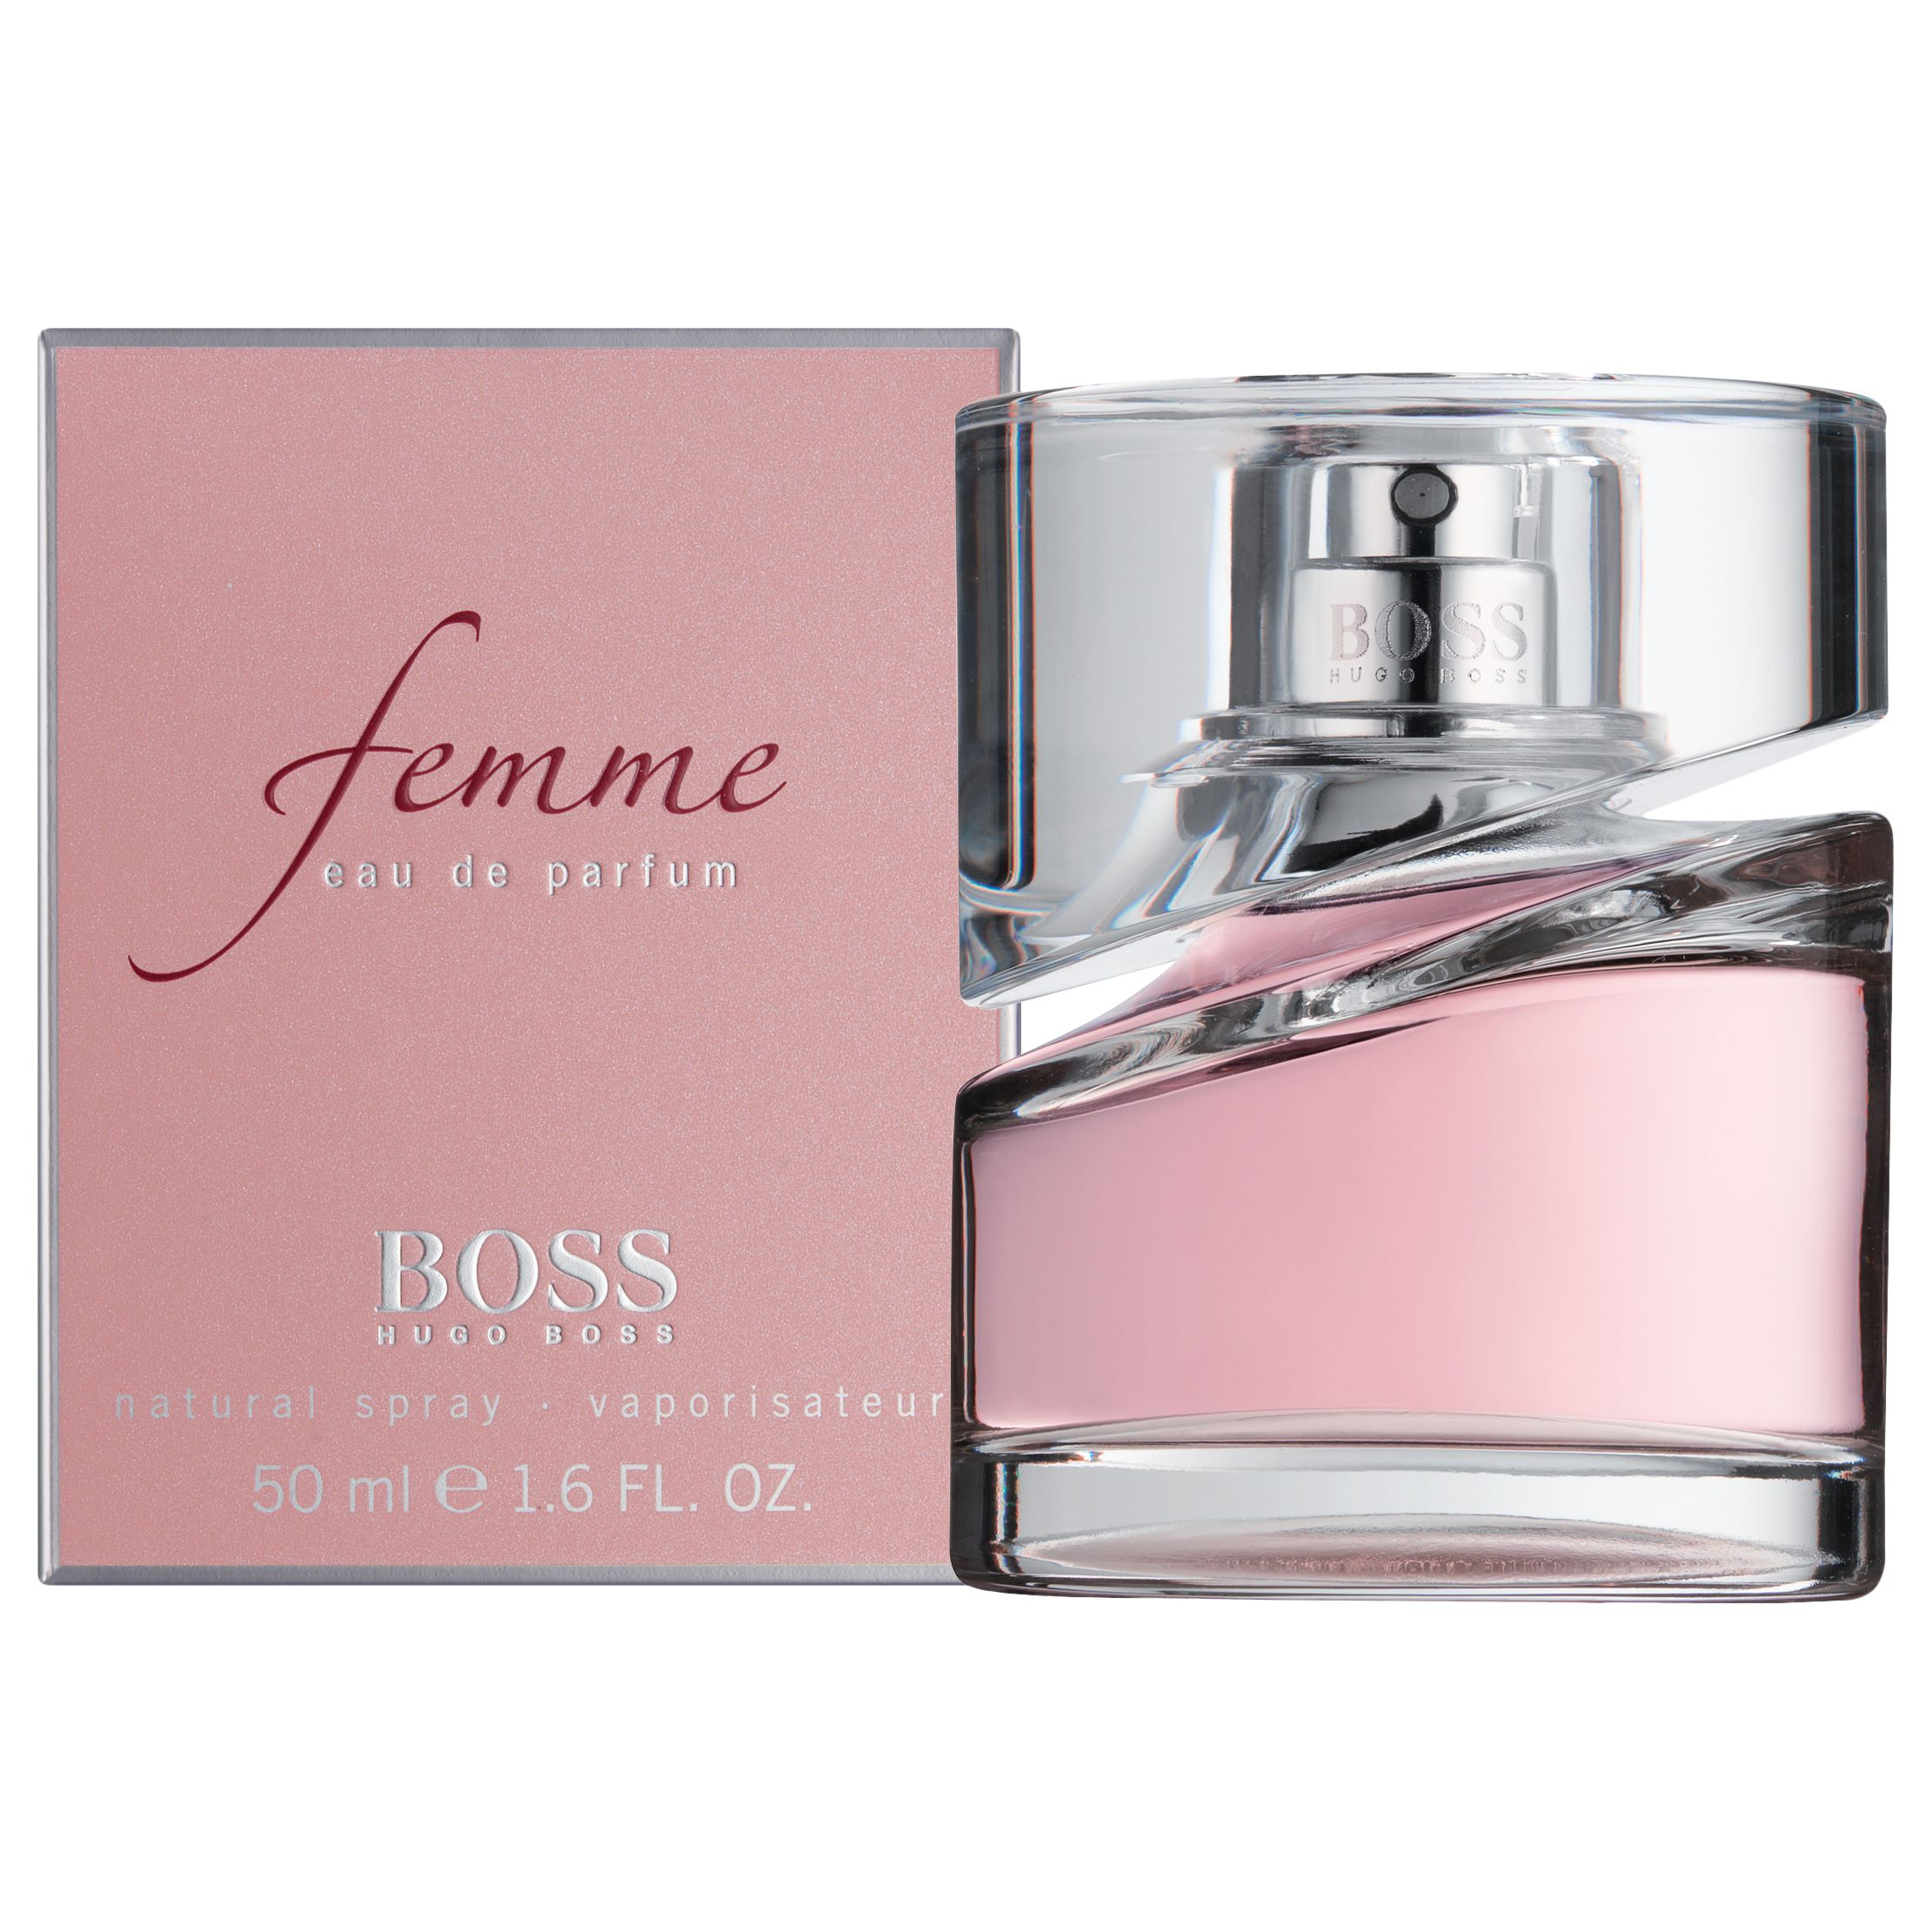 Hugo Boss Boss Femme Eau De Parfum 50ml At John Lewis Partners